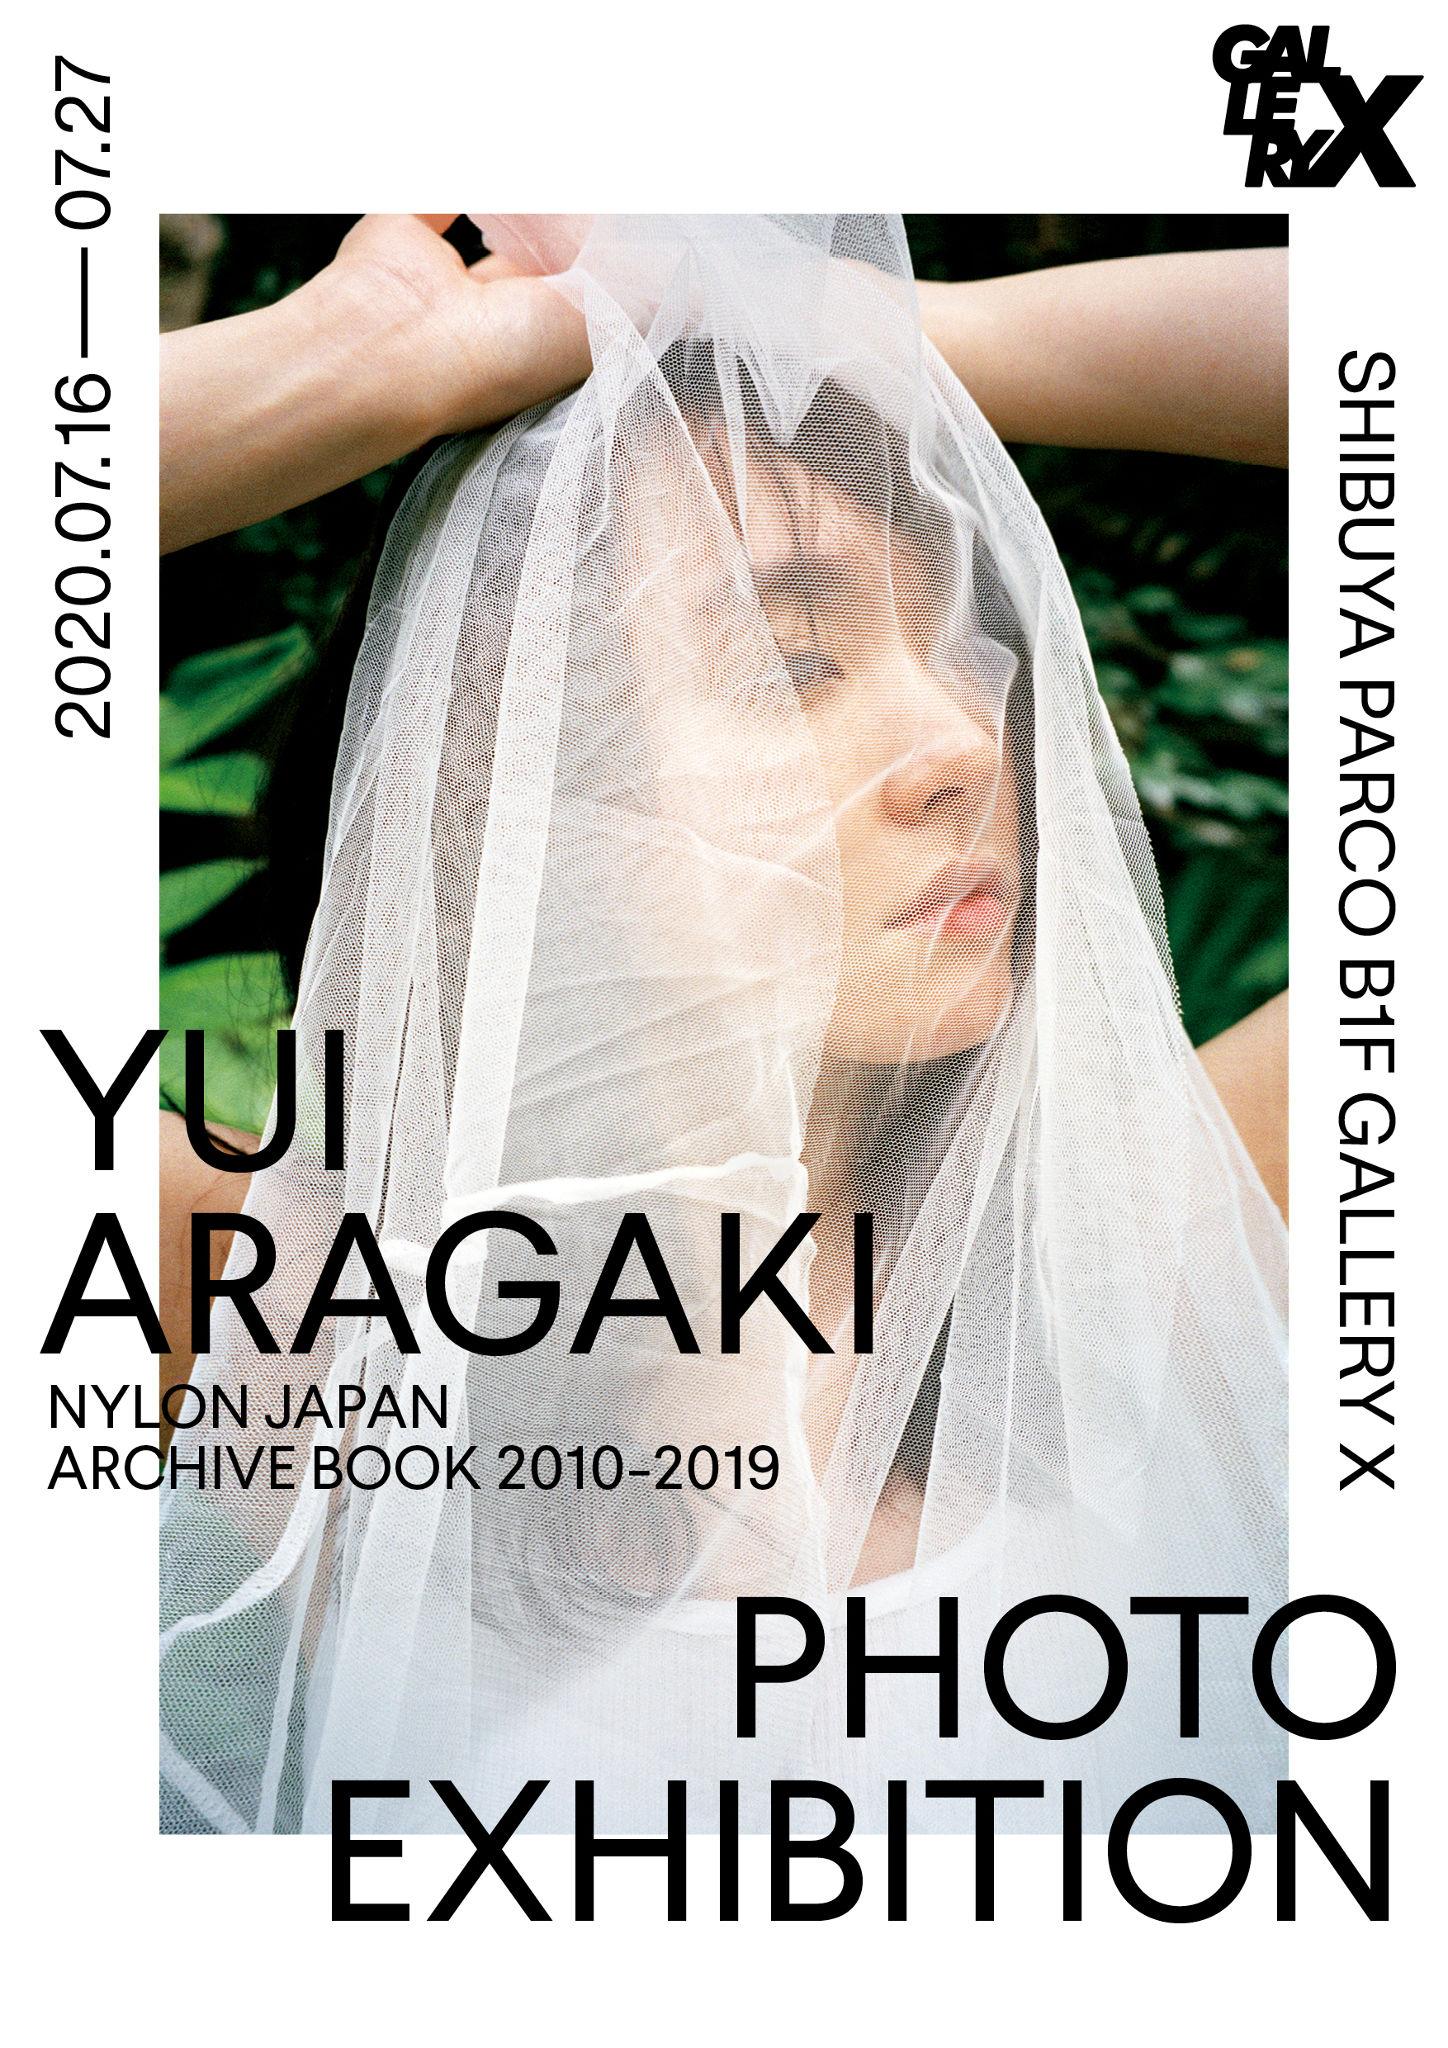 新垣結衣の写真展「YUI ARAGAKI NYLON JAPAN ARCHIVE BOOK 2010-2019 PHOTO EXHIBITION」